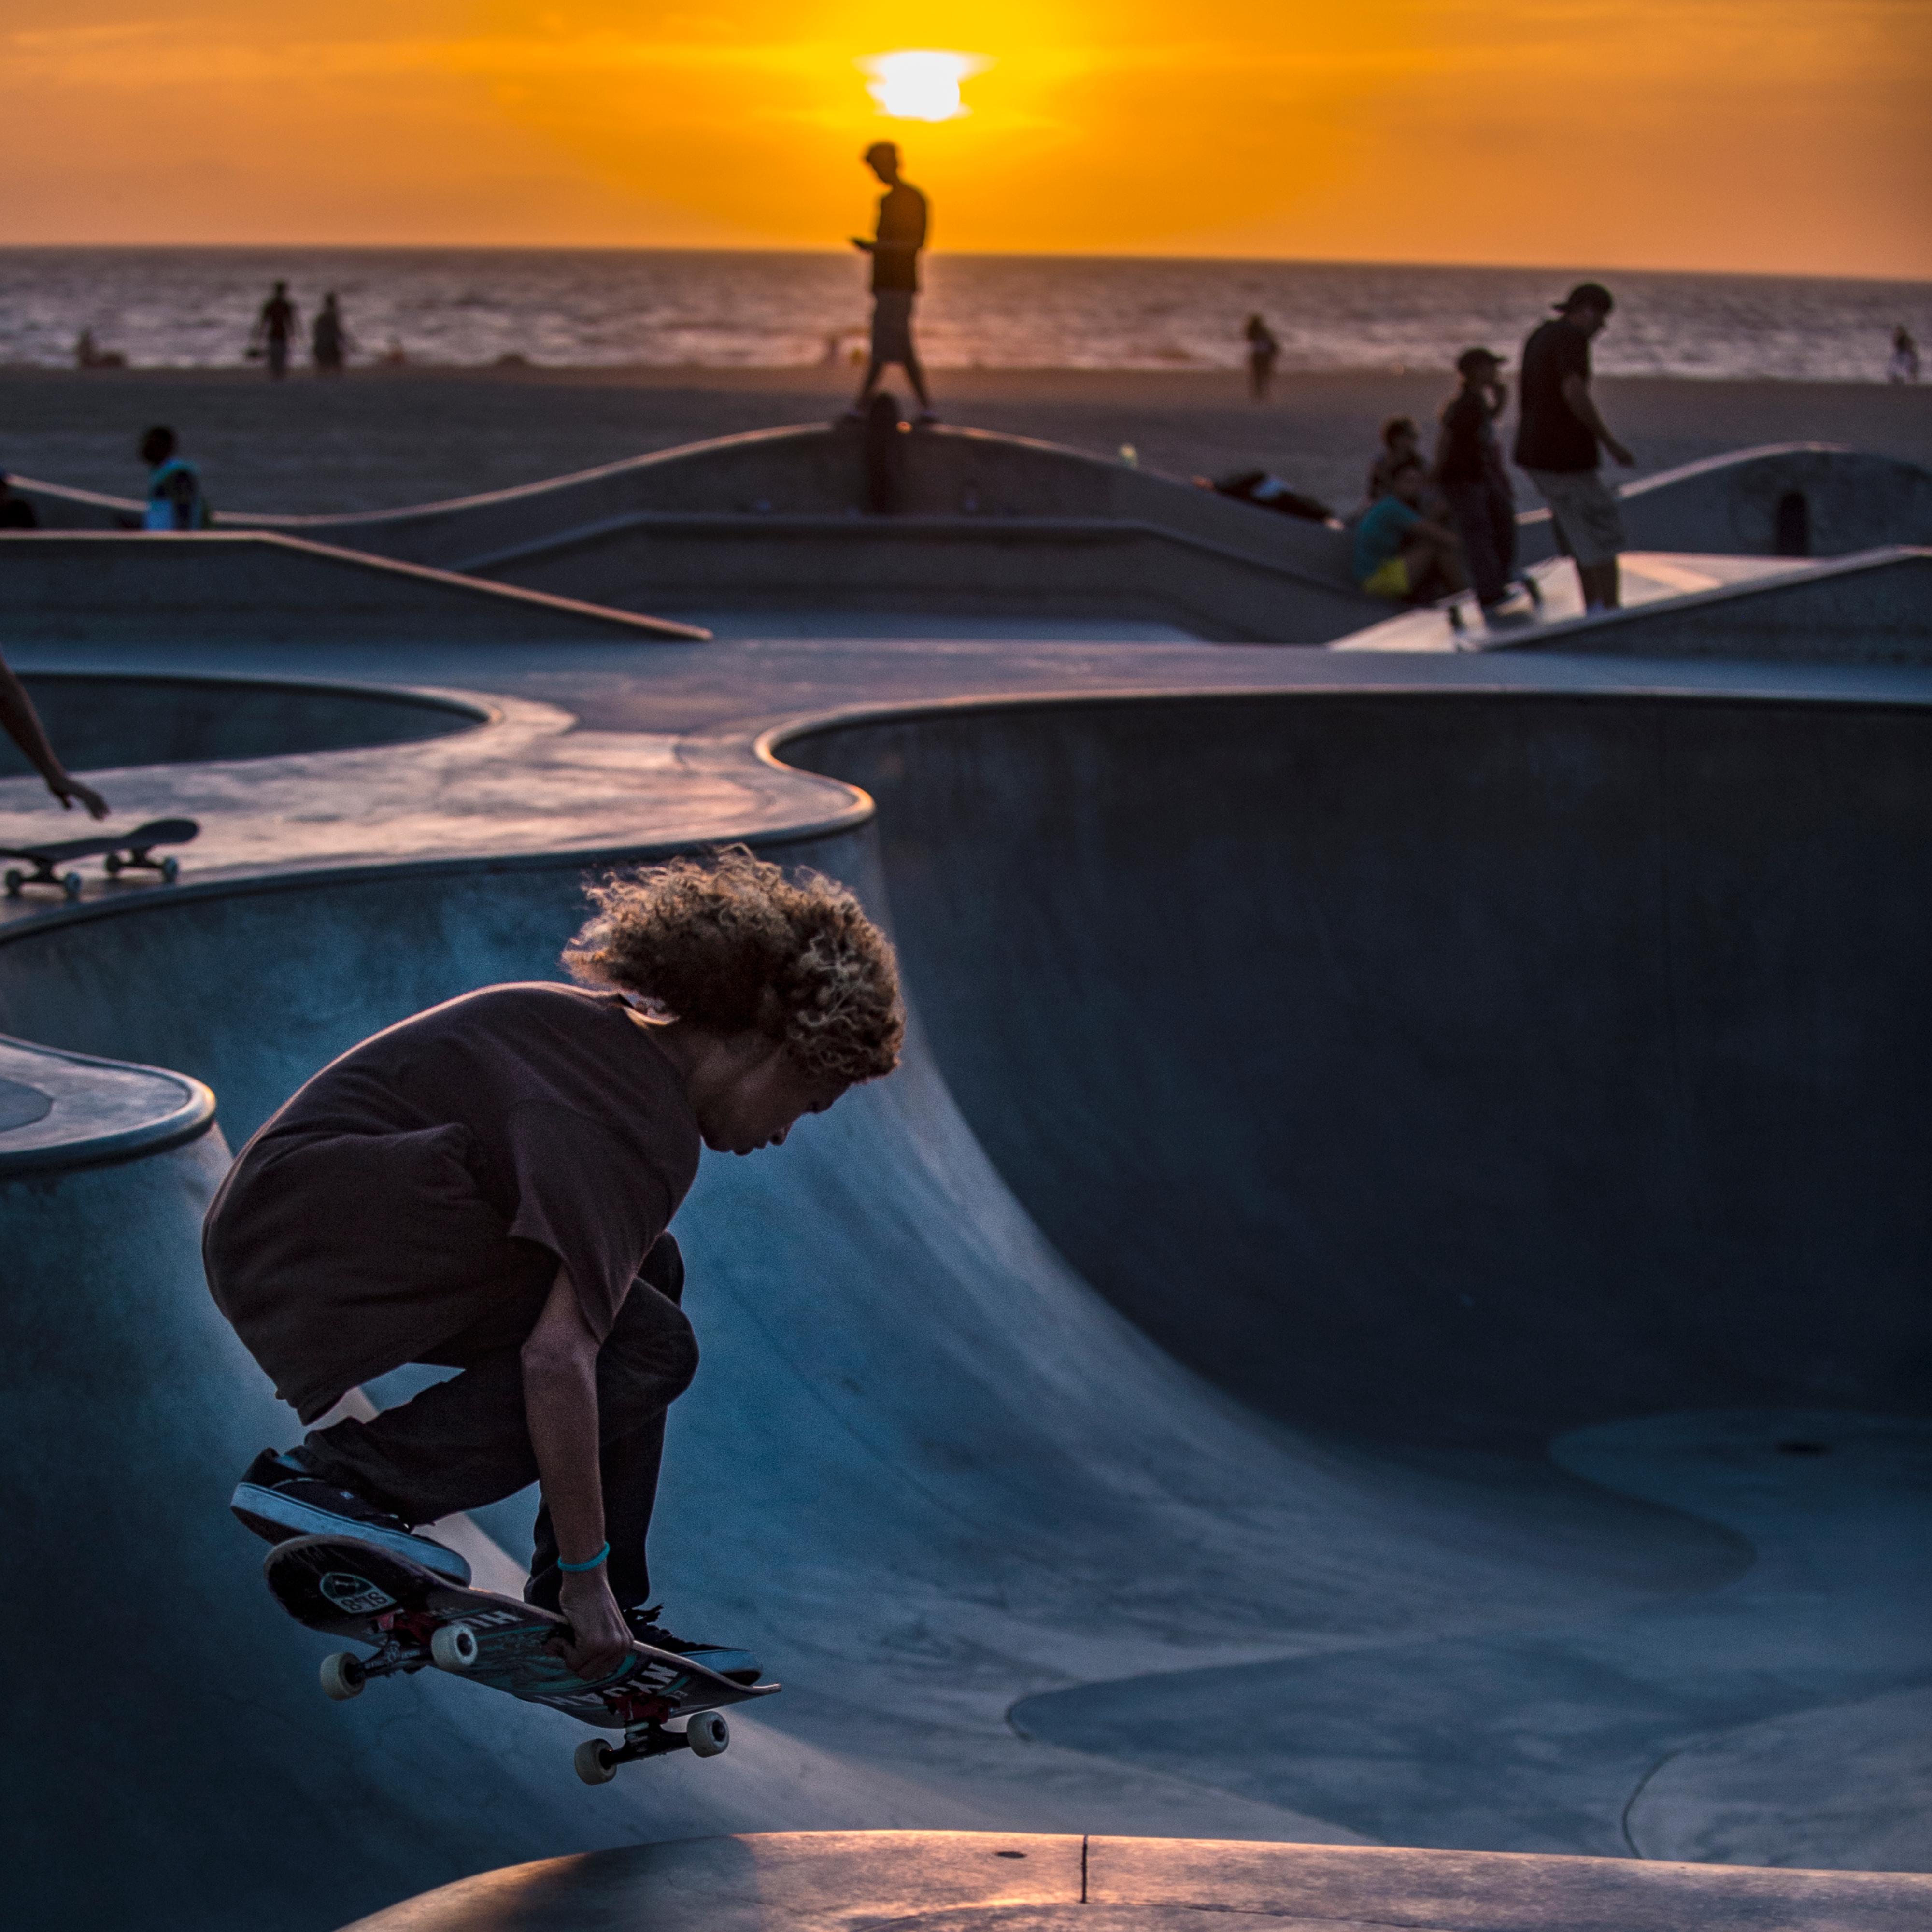 20150927_Surfing_Skateboarding_LA_1556.jpg